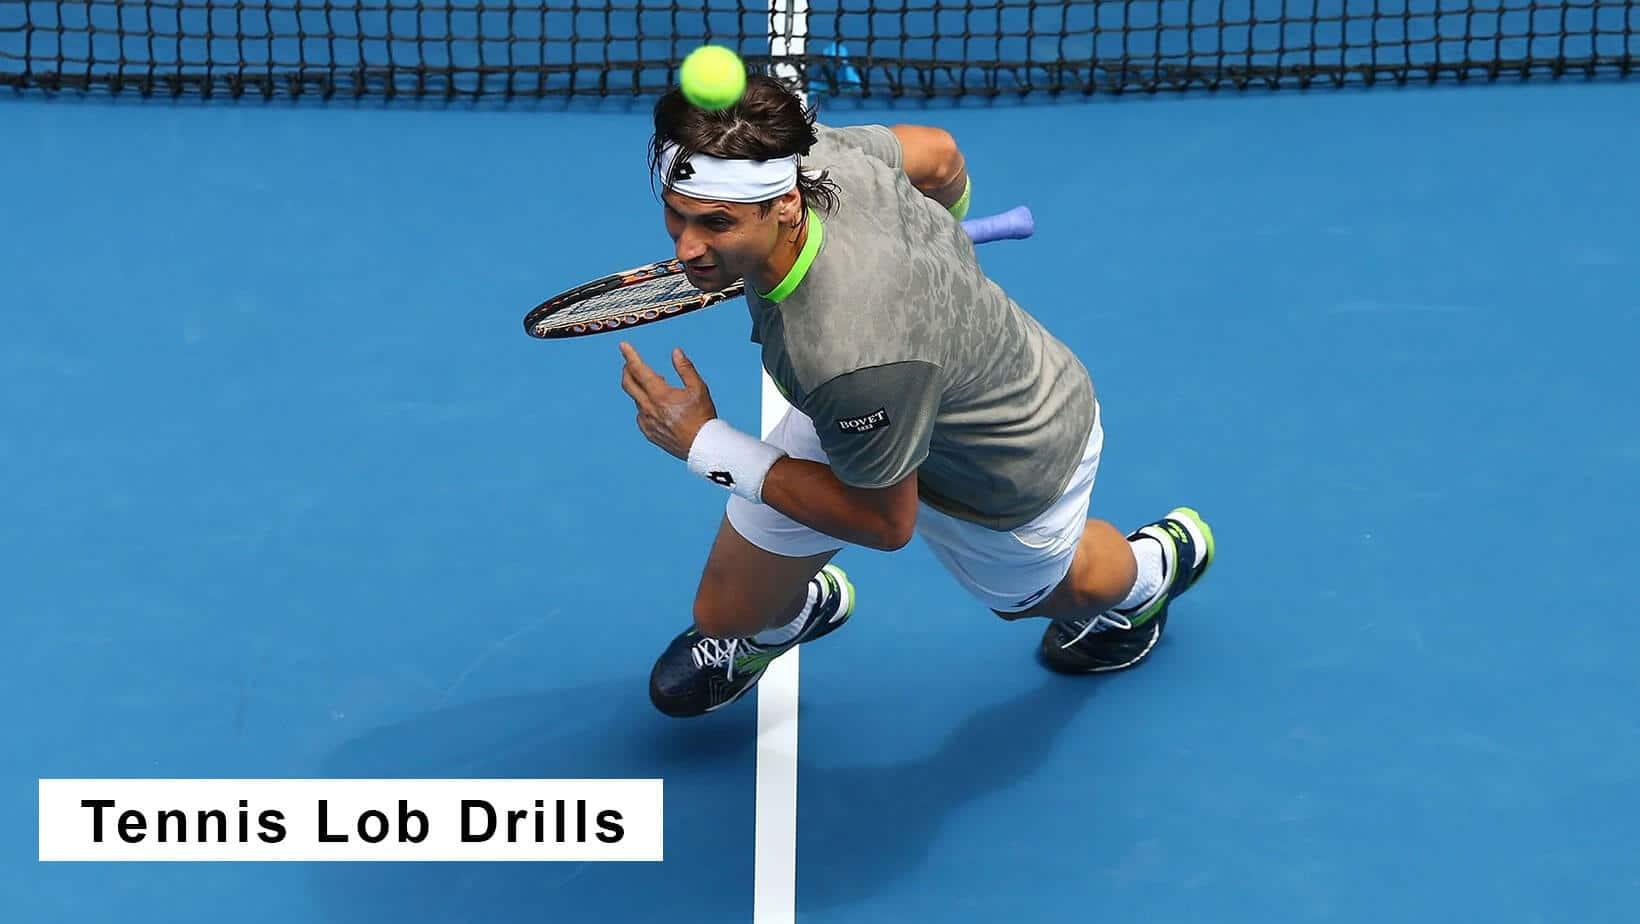 tennis lob drills